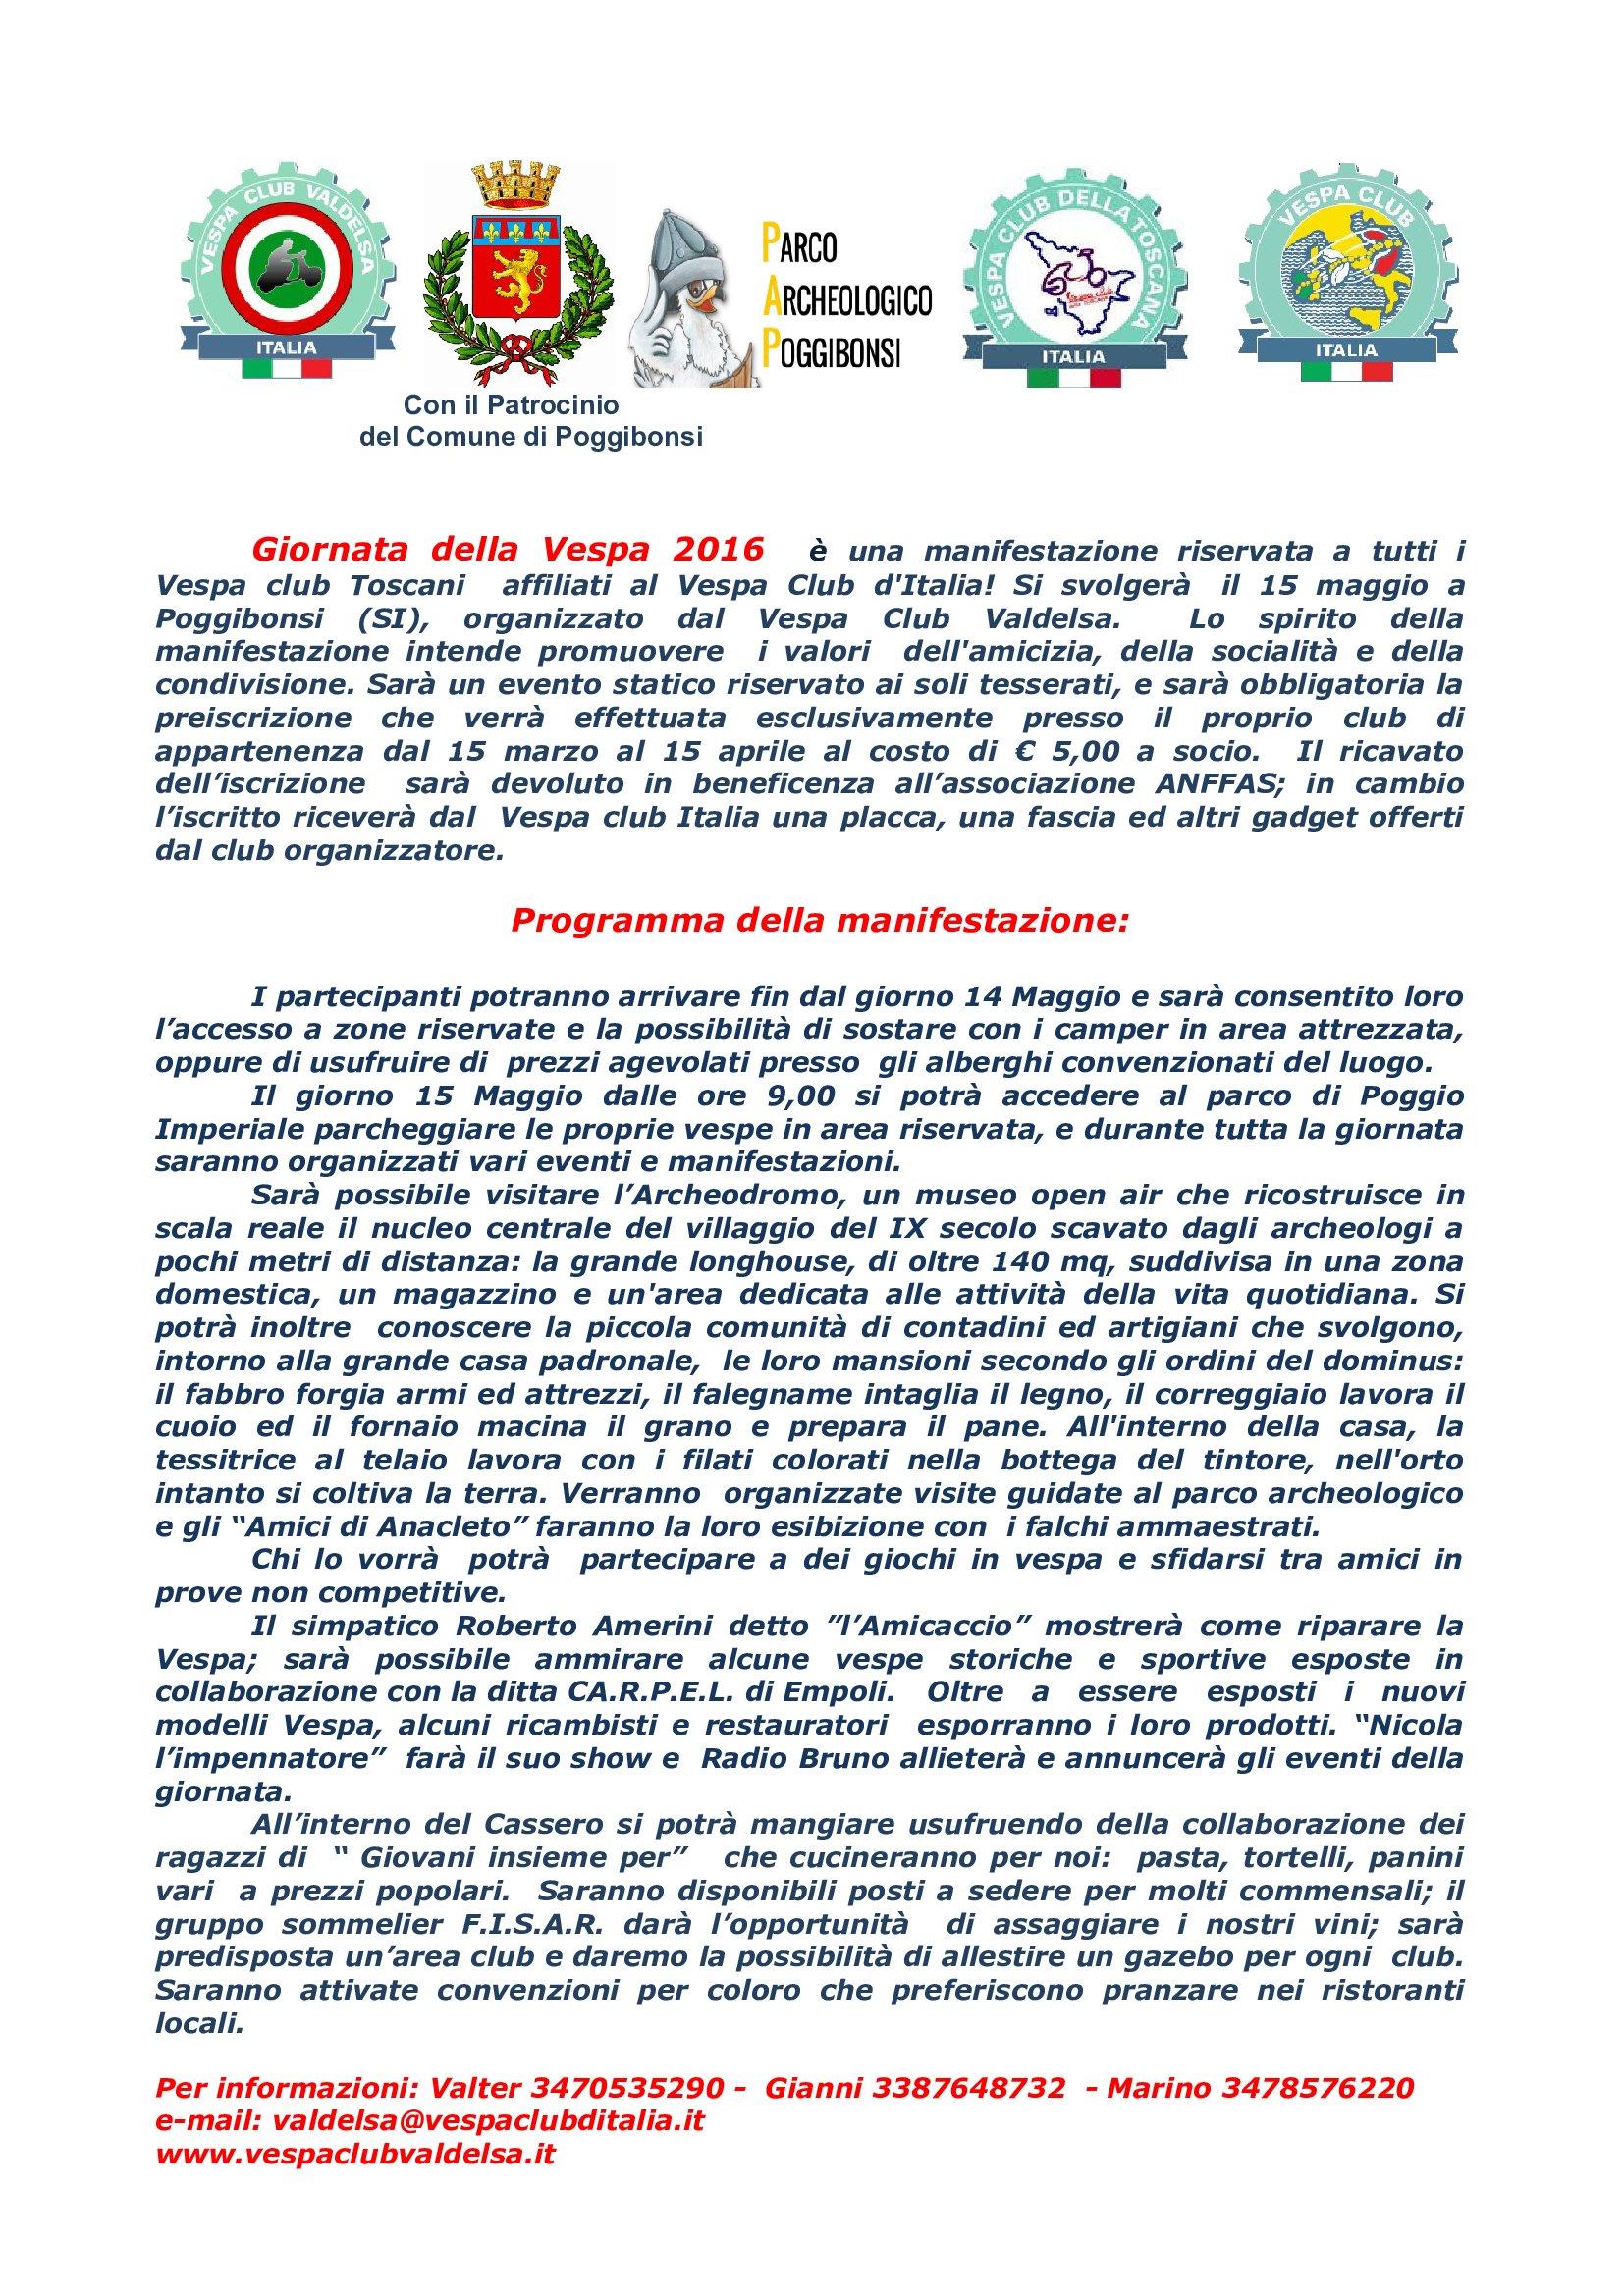 JPEG 2 nuovo Programma verdana